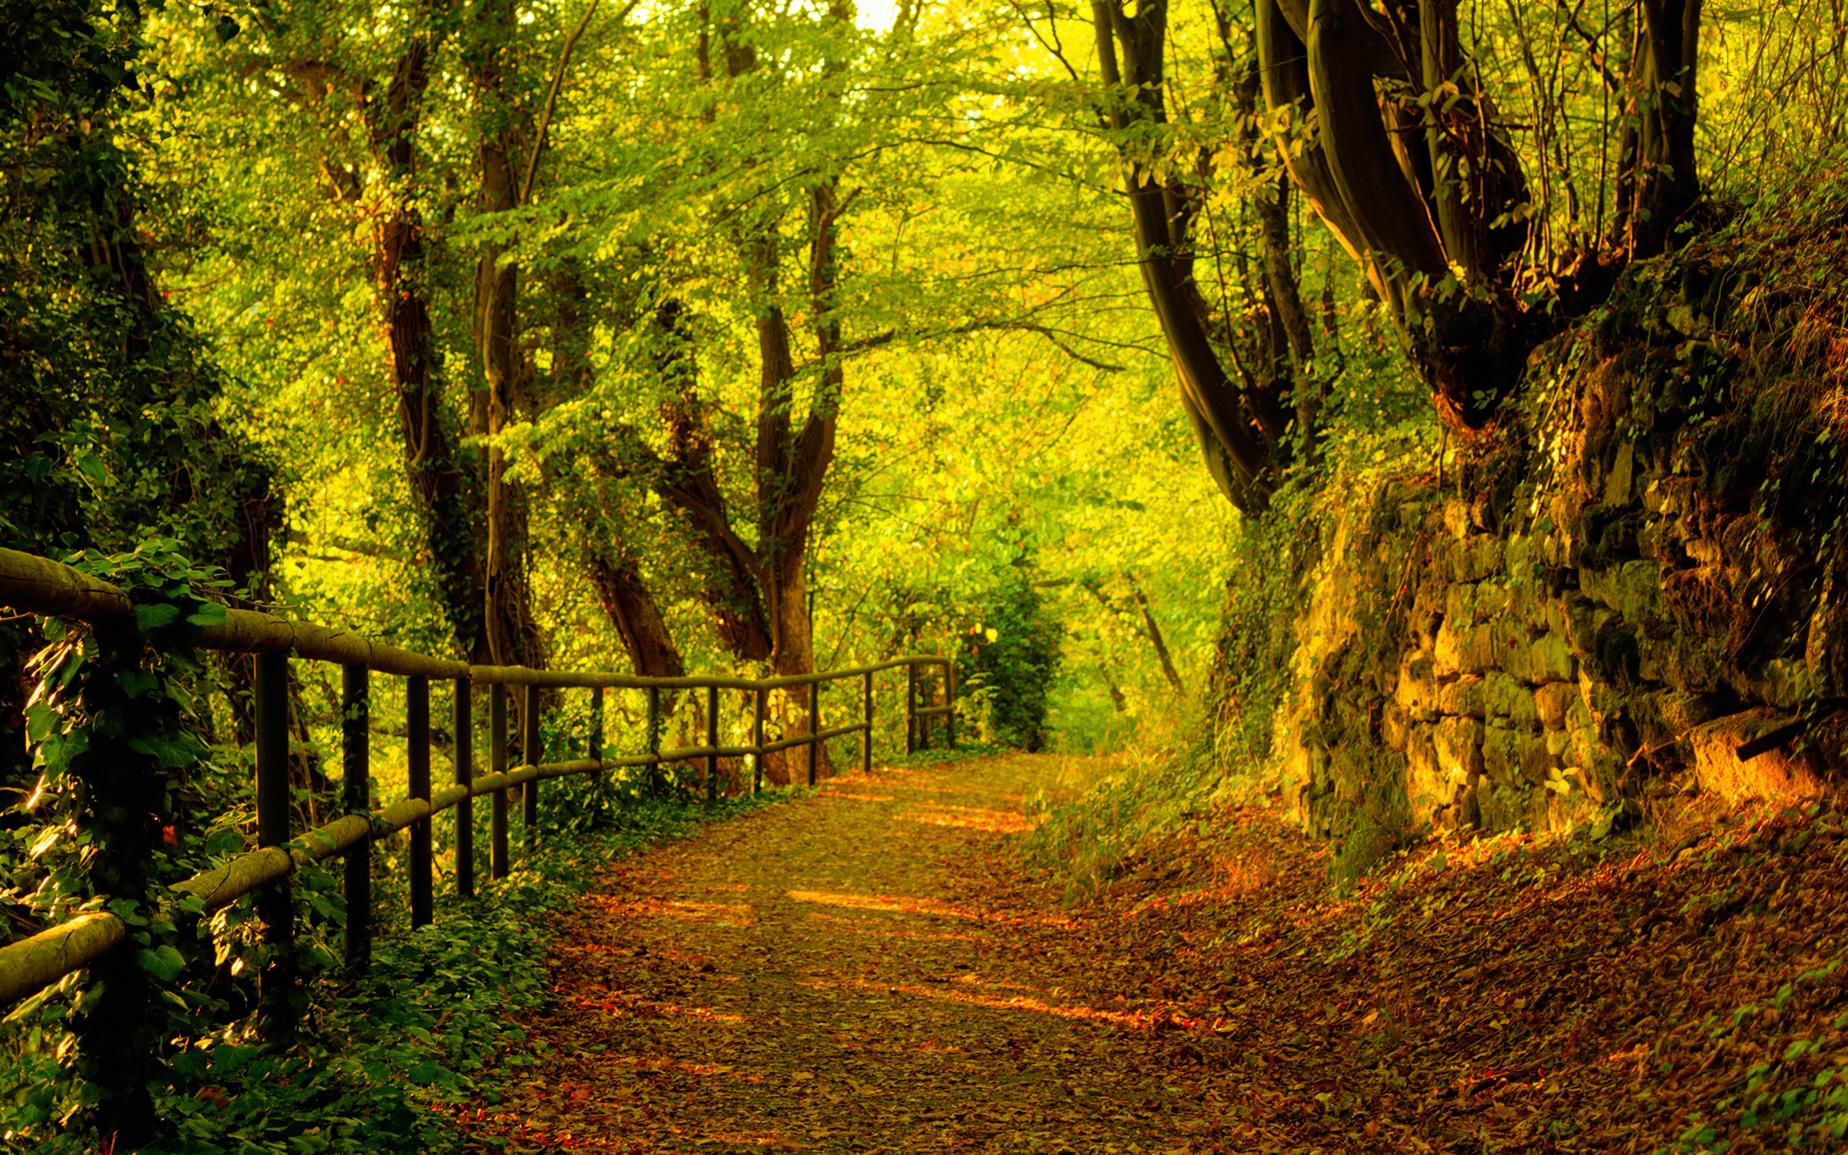 осень, дорога, autumn road wallpaper, скачать фото